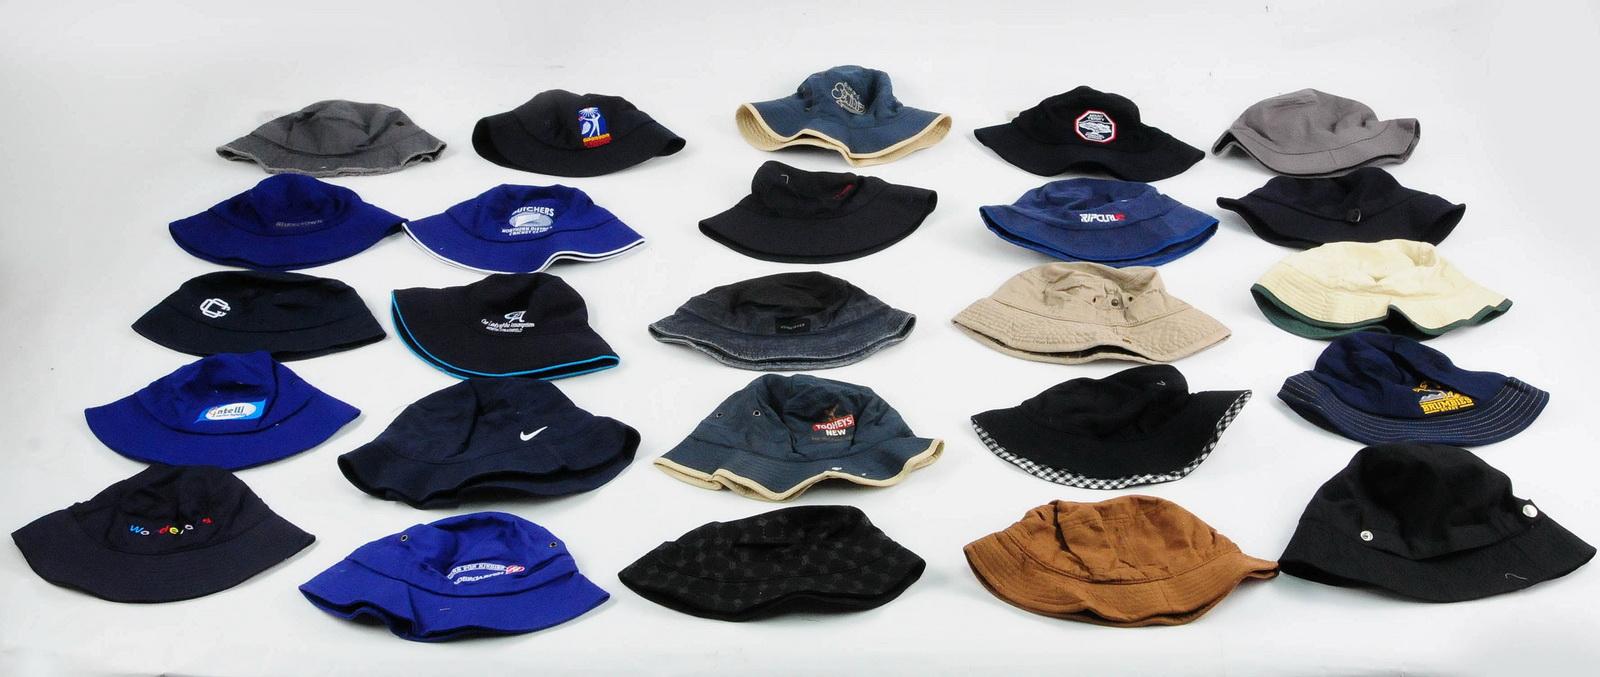 Оригинальные шляпы панамы в лучших традициях Bucket Hat